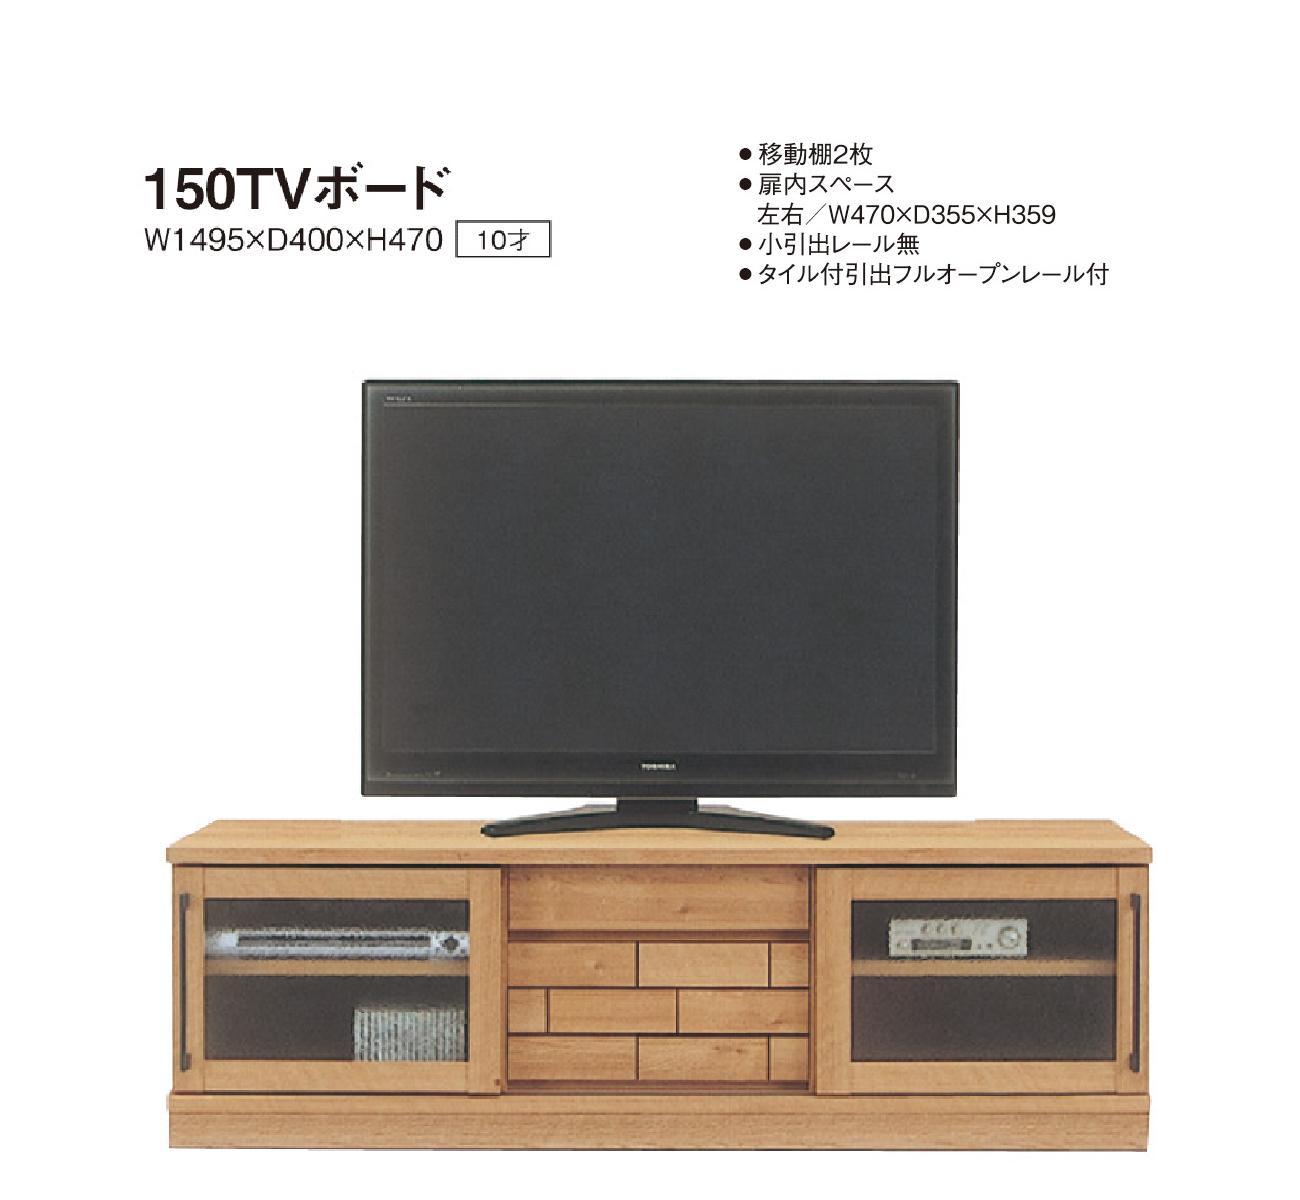 【送料無料】150 TVボード ダッグ テレビボード  テレビ TV 収納 コンパクト 54型 67型 まで 大容量 木目 おしゃれ 完成品 引き出し  家具 通販 大川 日本製【国産家具】